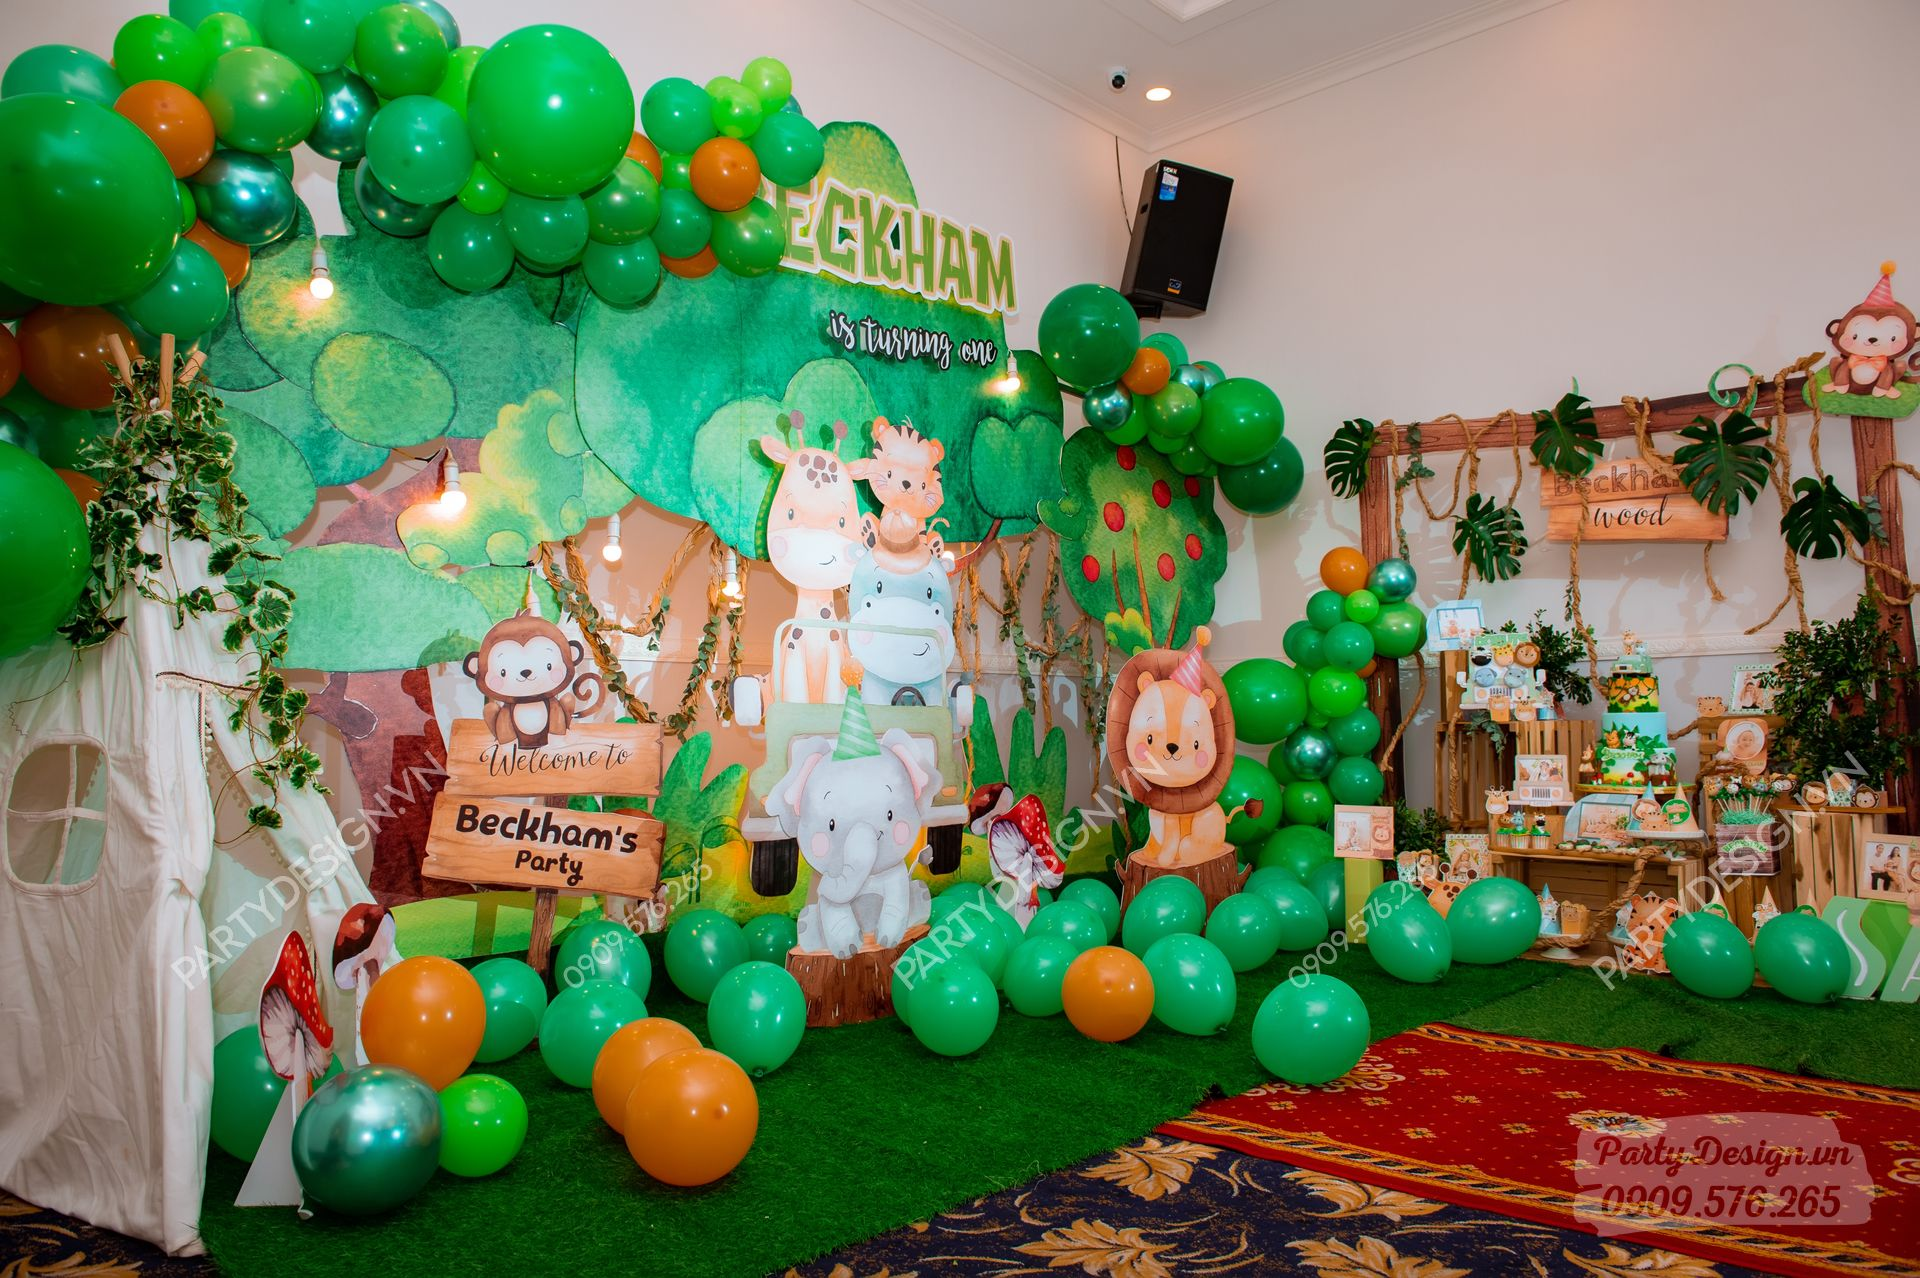 Backdrop trang trí sinh nhật chủ đề Safari Rừng Xanh - bé Beckham